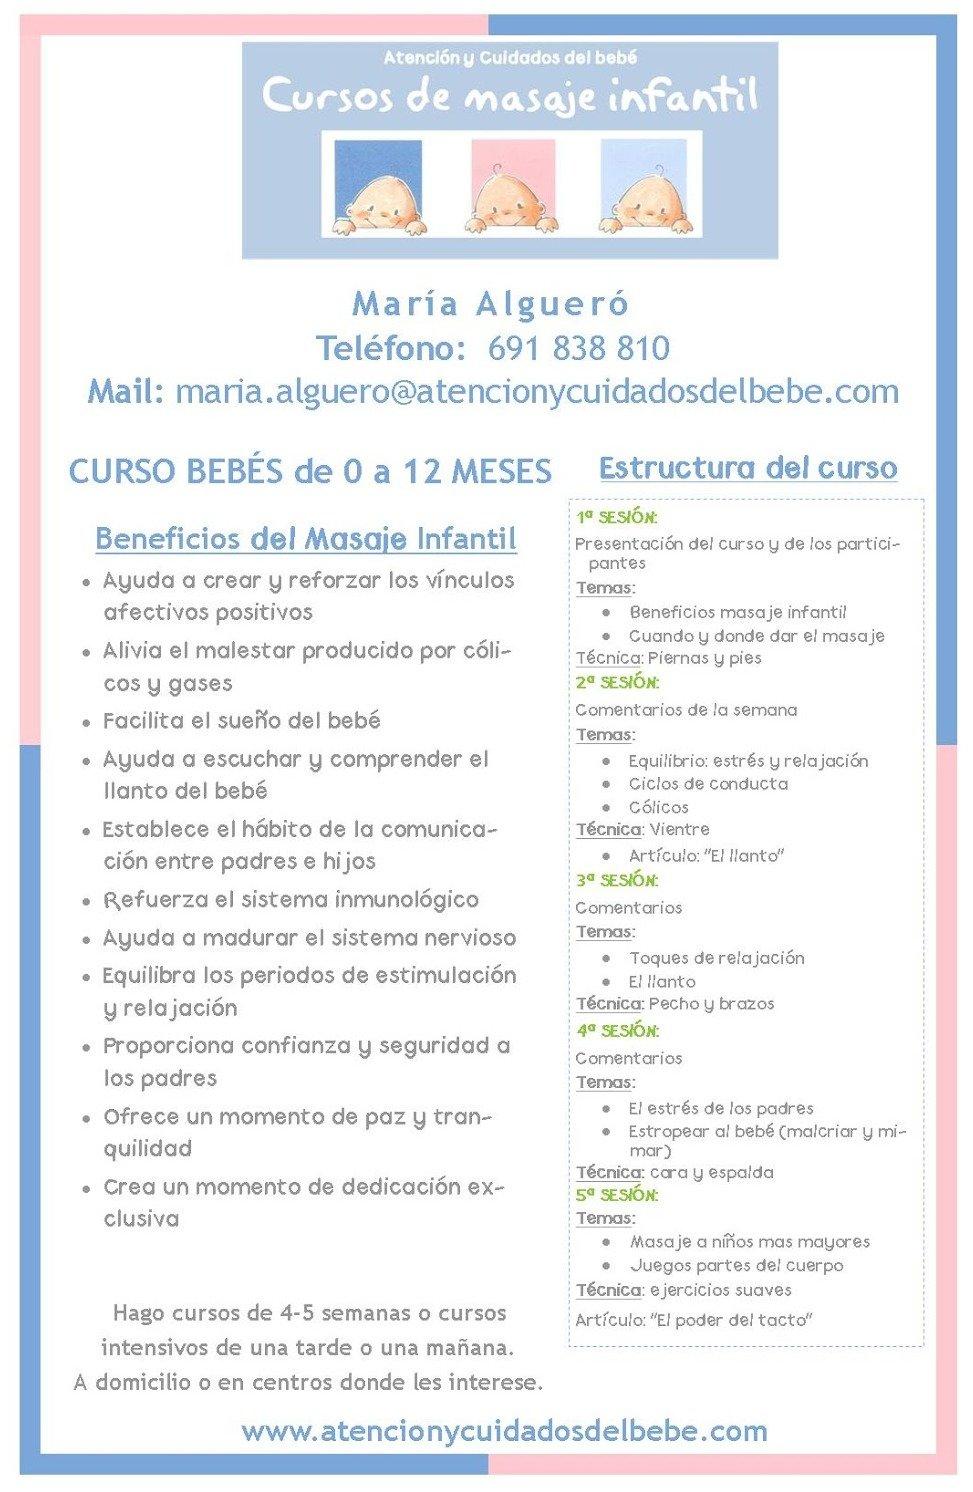 Poster atencion y cuidados del bebé